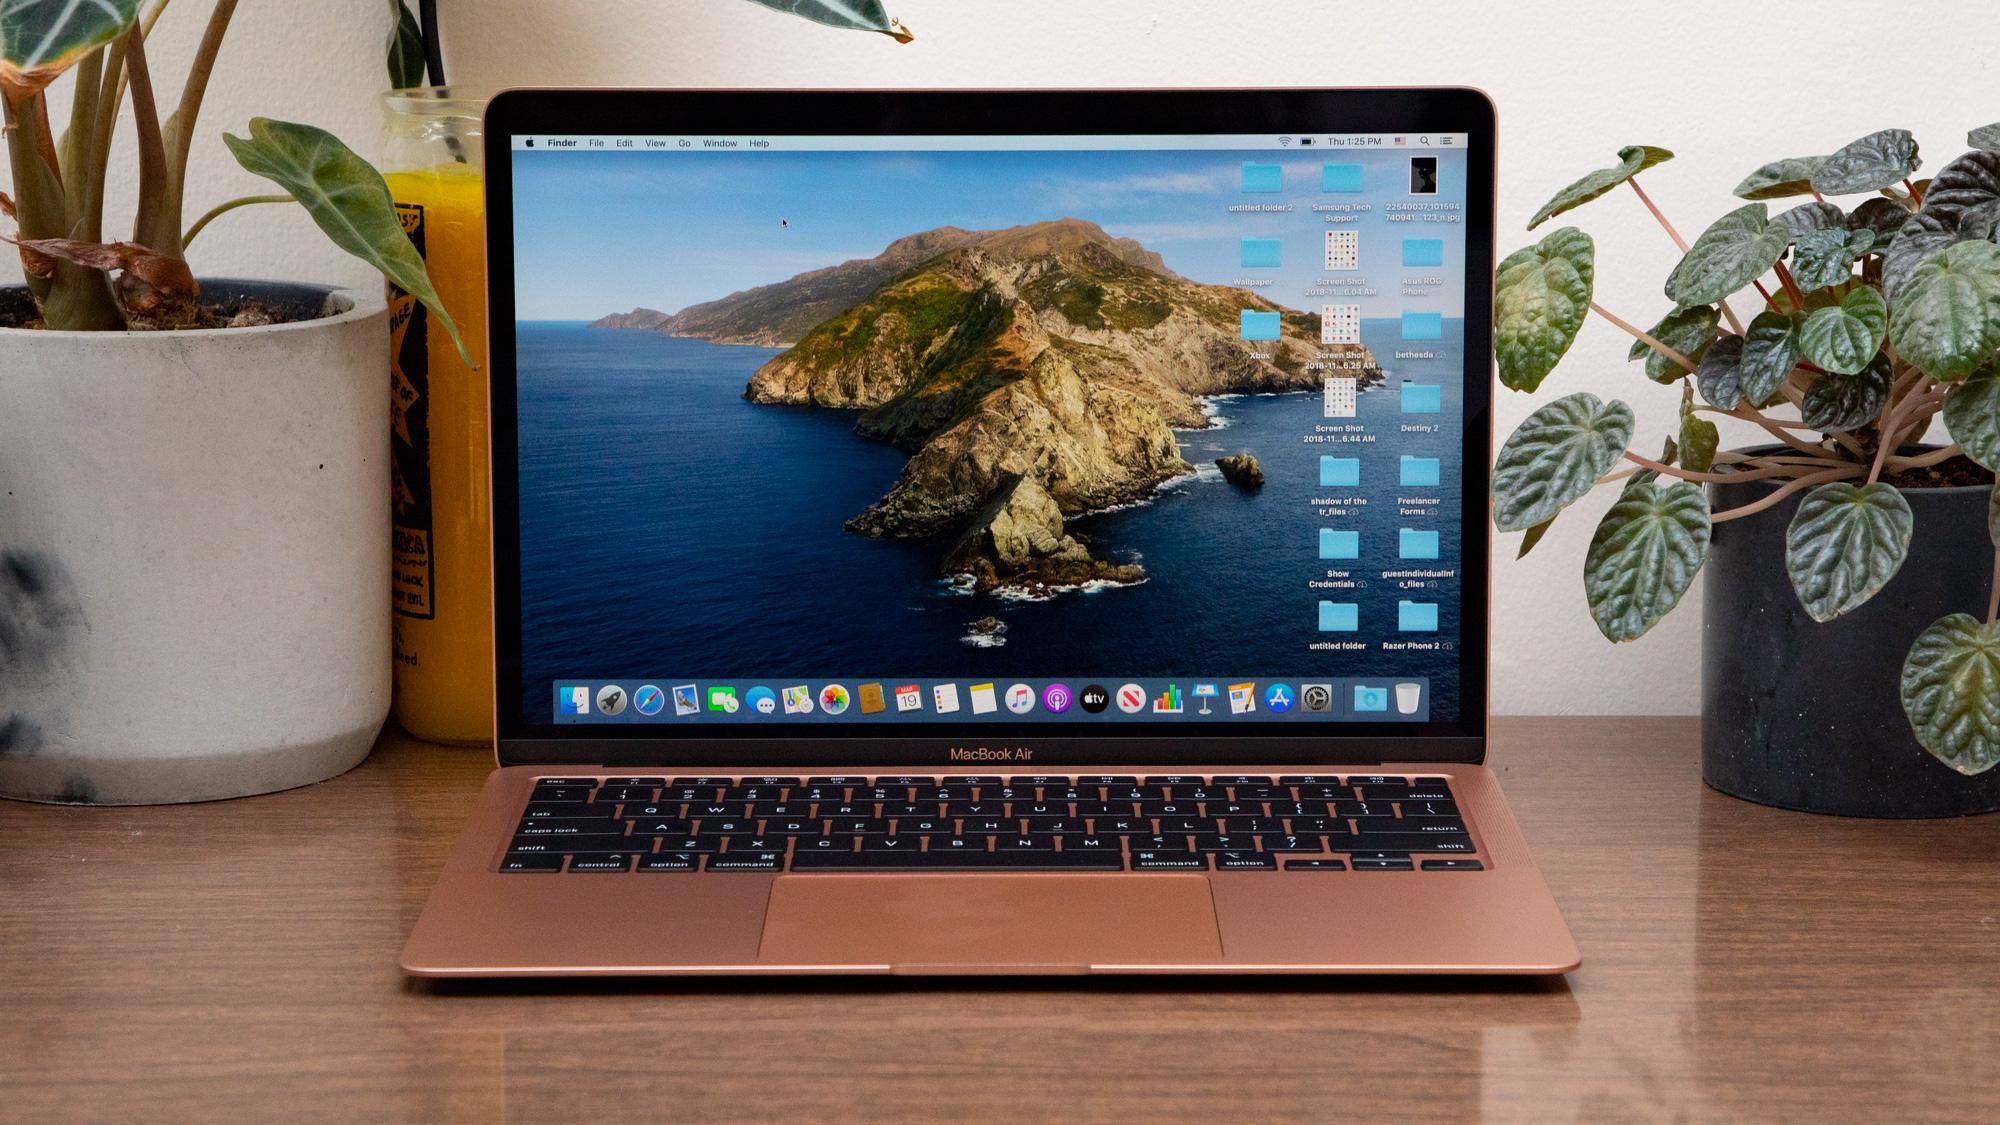 MacBook Air vs Pro: Display